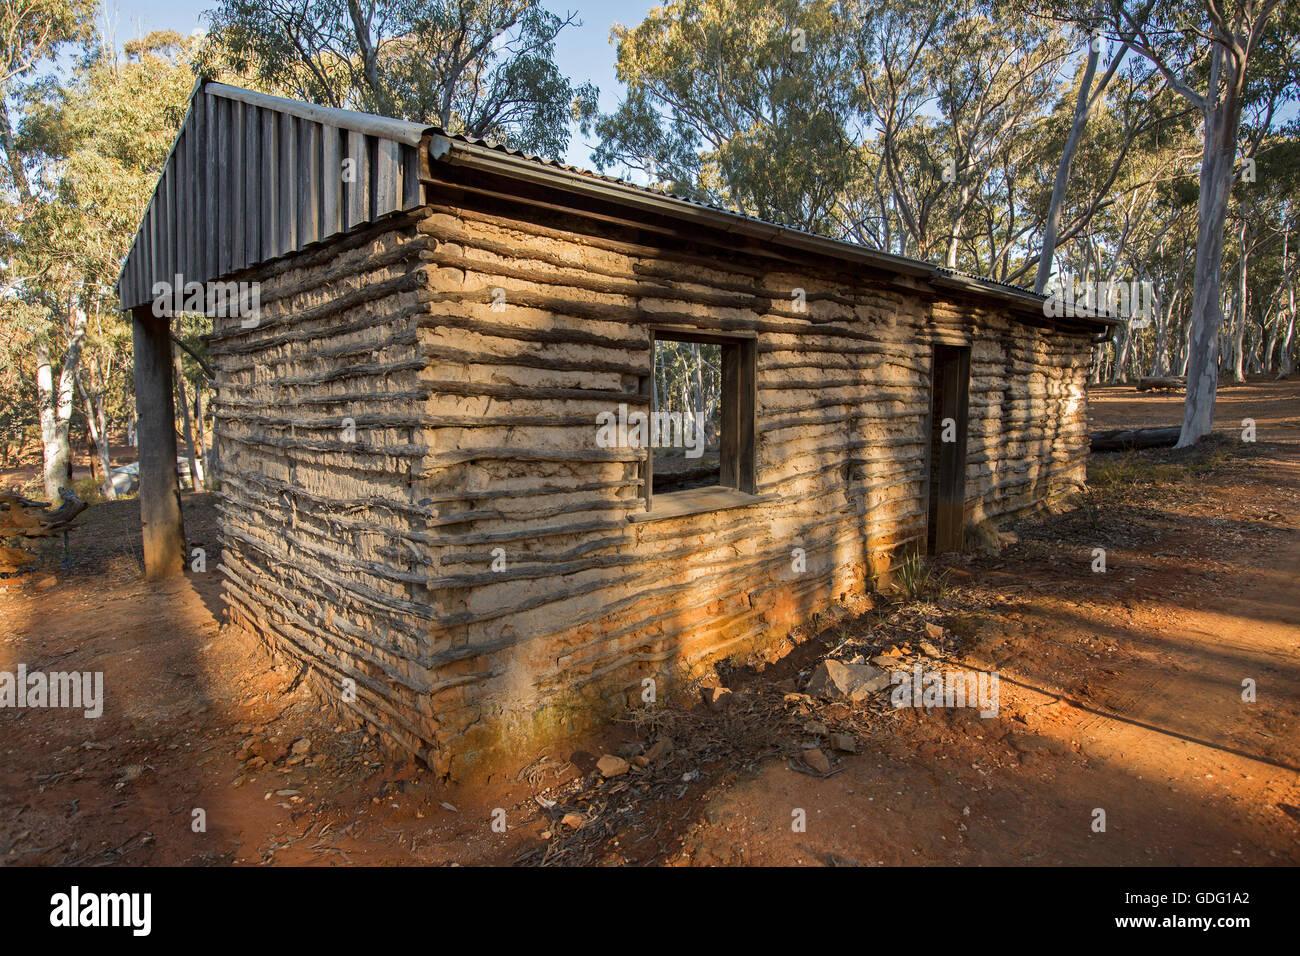 Gebäude mit Flechtwerk & Daub demonstriert eine einfache kostengünstige Methode der Konstruktion mit Stockbild